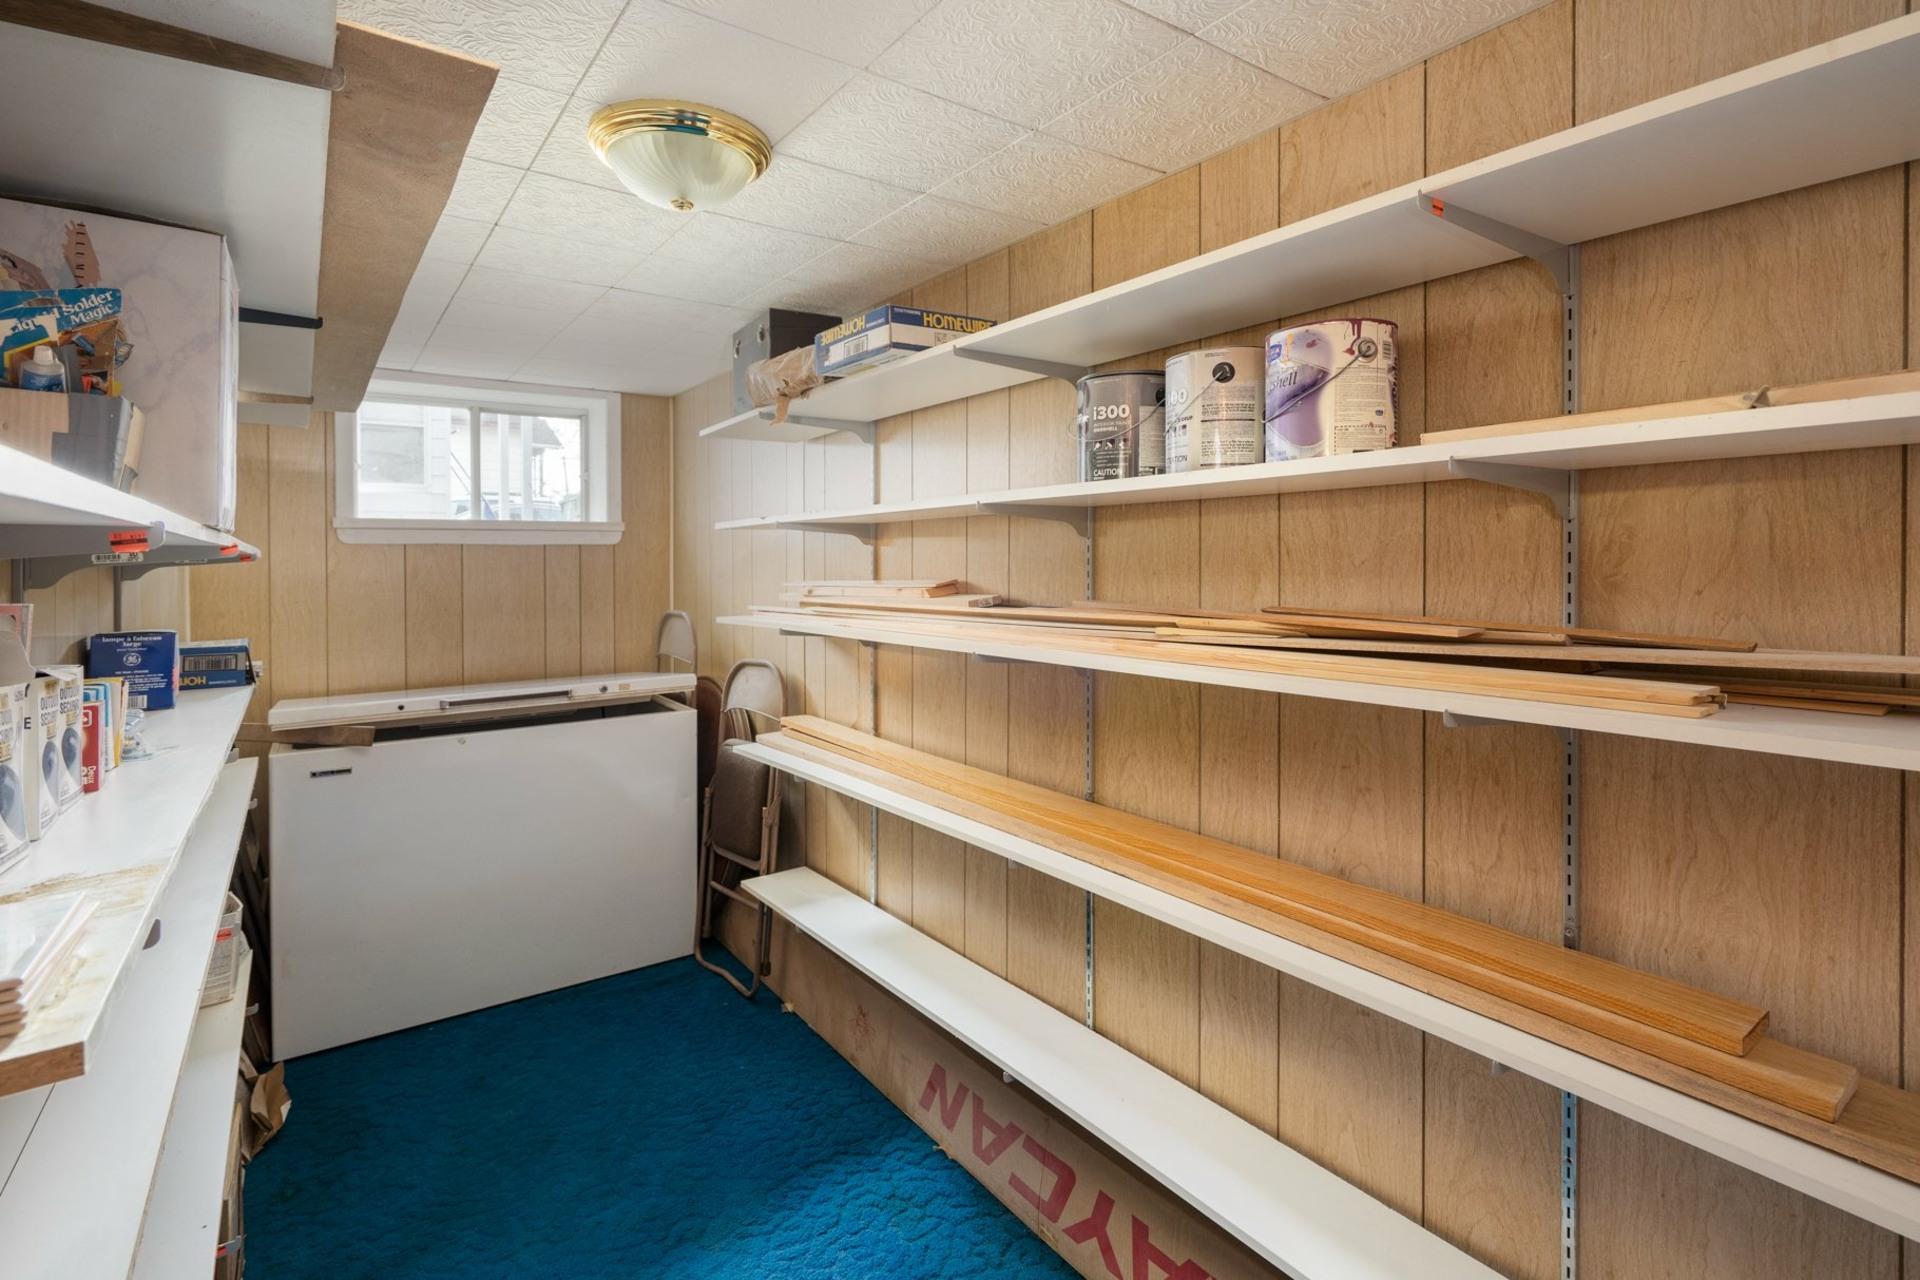 image 16 - House For sale Saint-Laurent Montréal  - 9 rooms